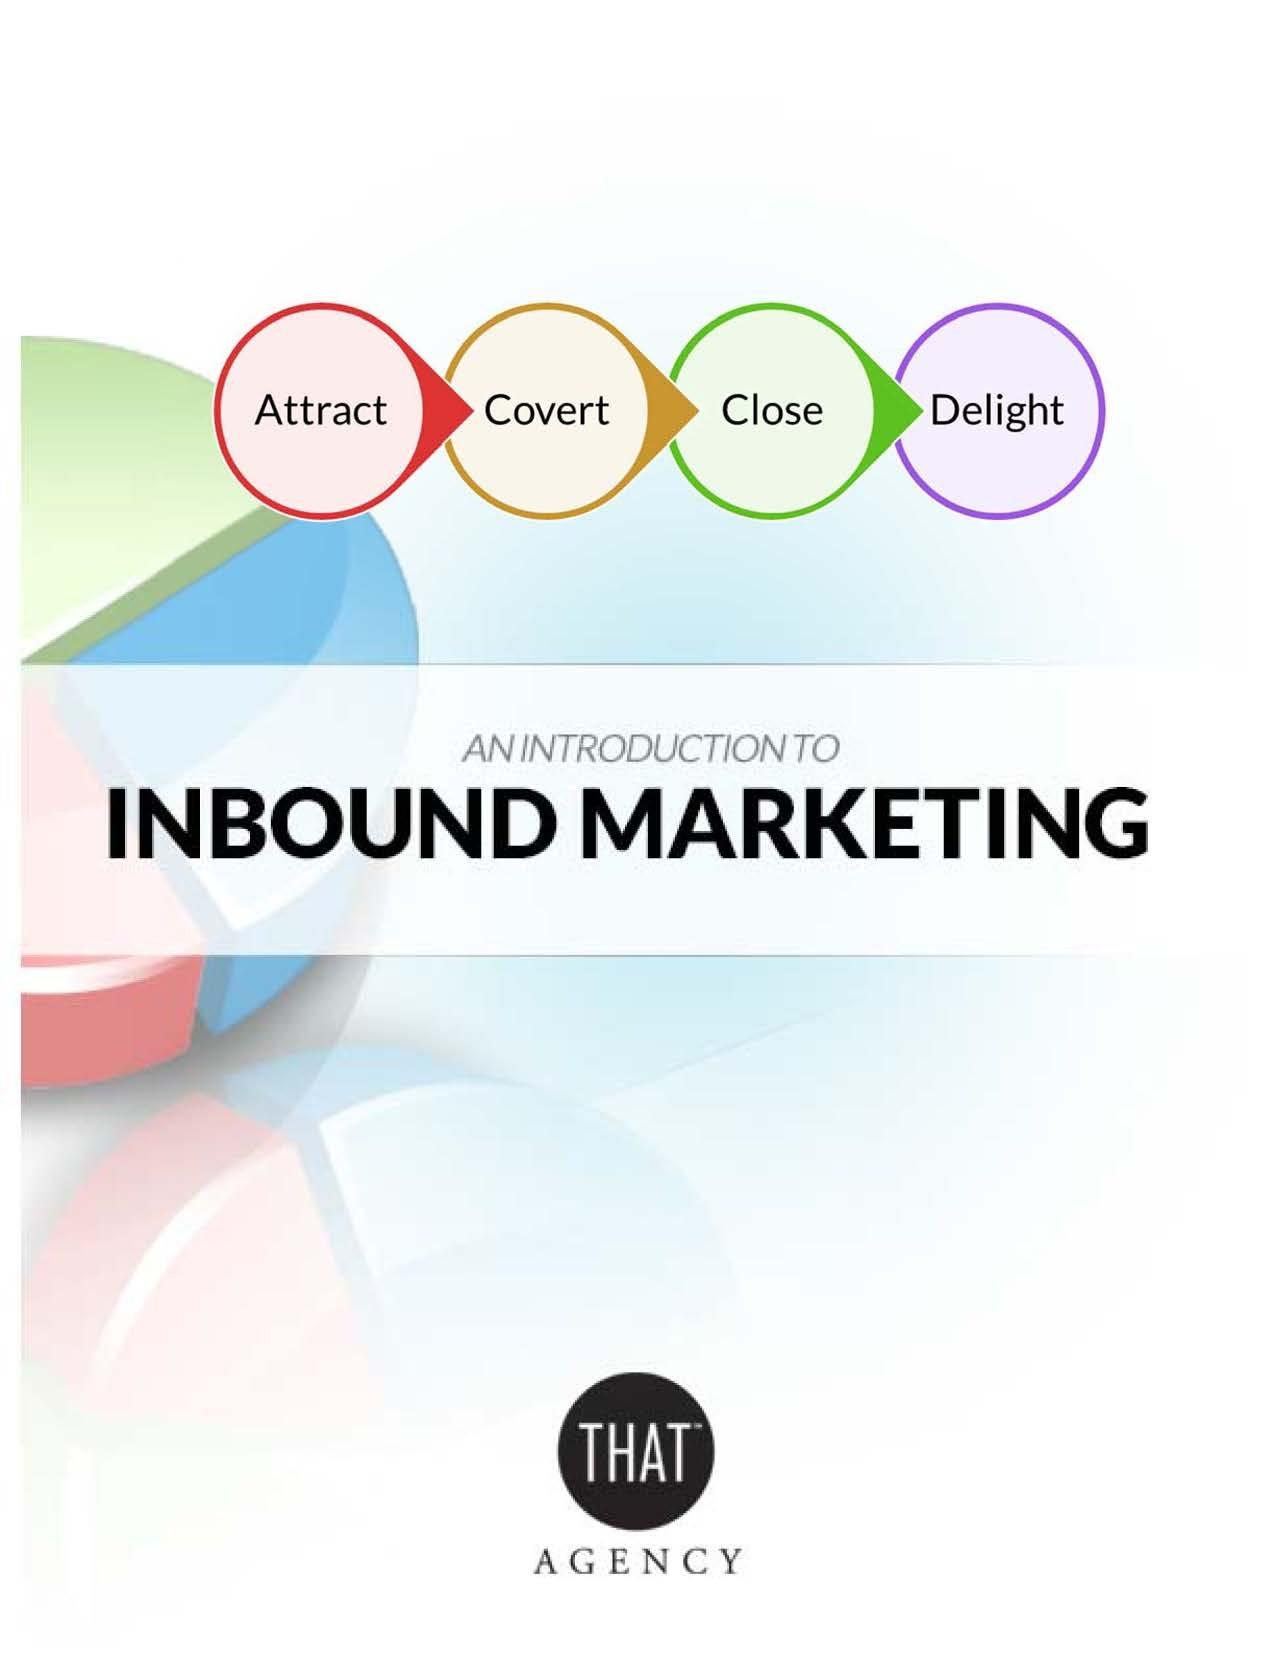 inbound-marketing-whitepaper-cover.jpg